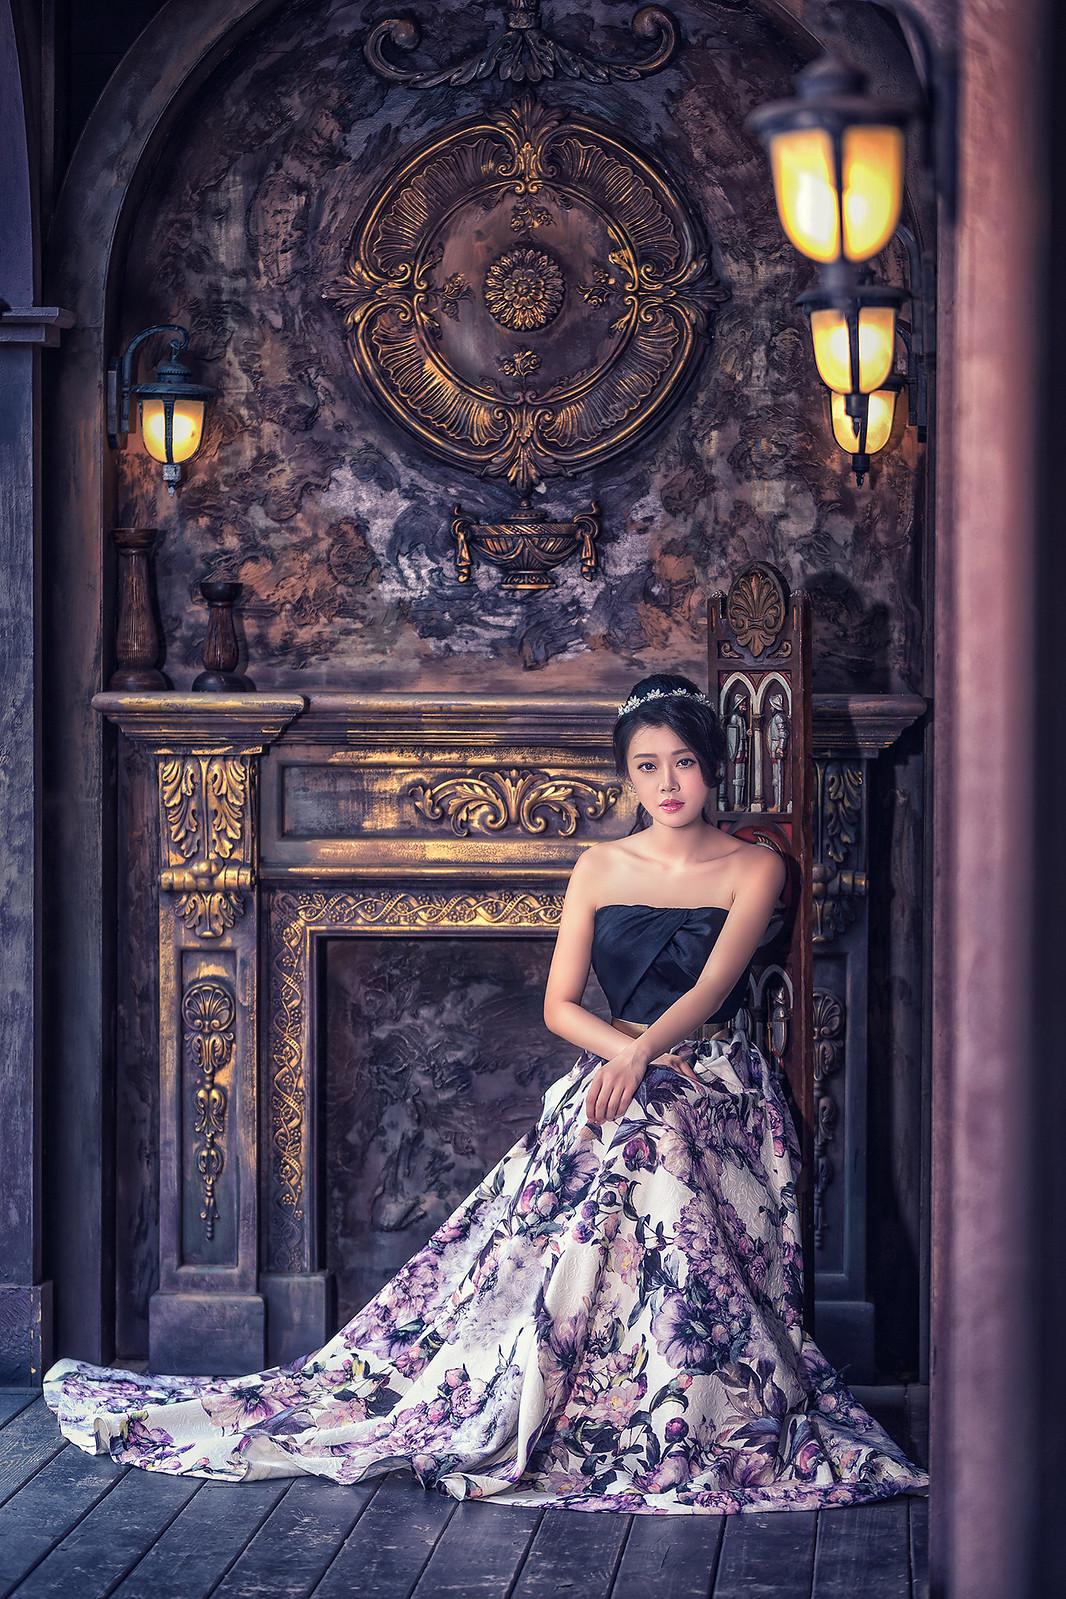 181103-0018-婚紗攝影-花色禮服-苗栗-愛麗絲的天空-攝影基地-韓風